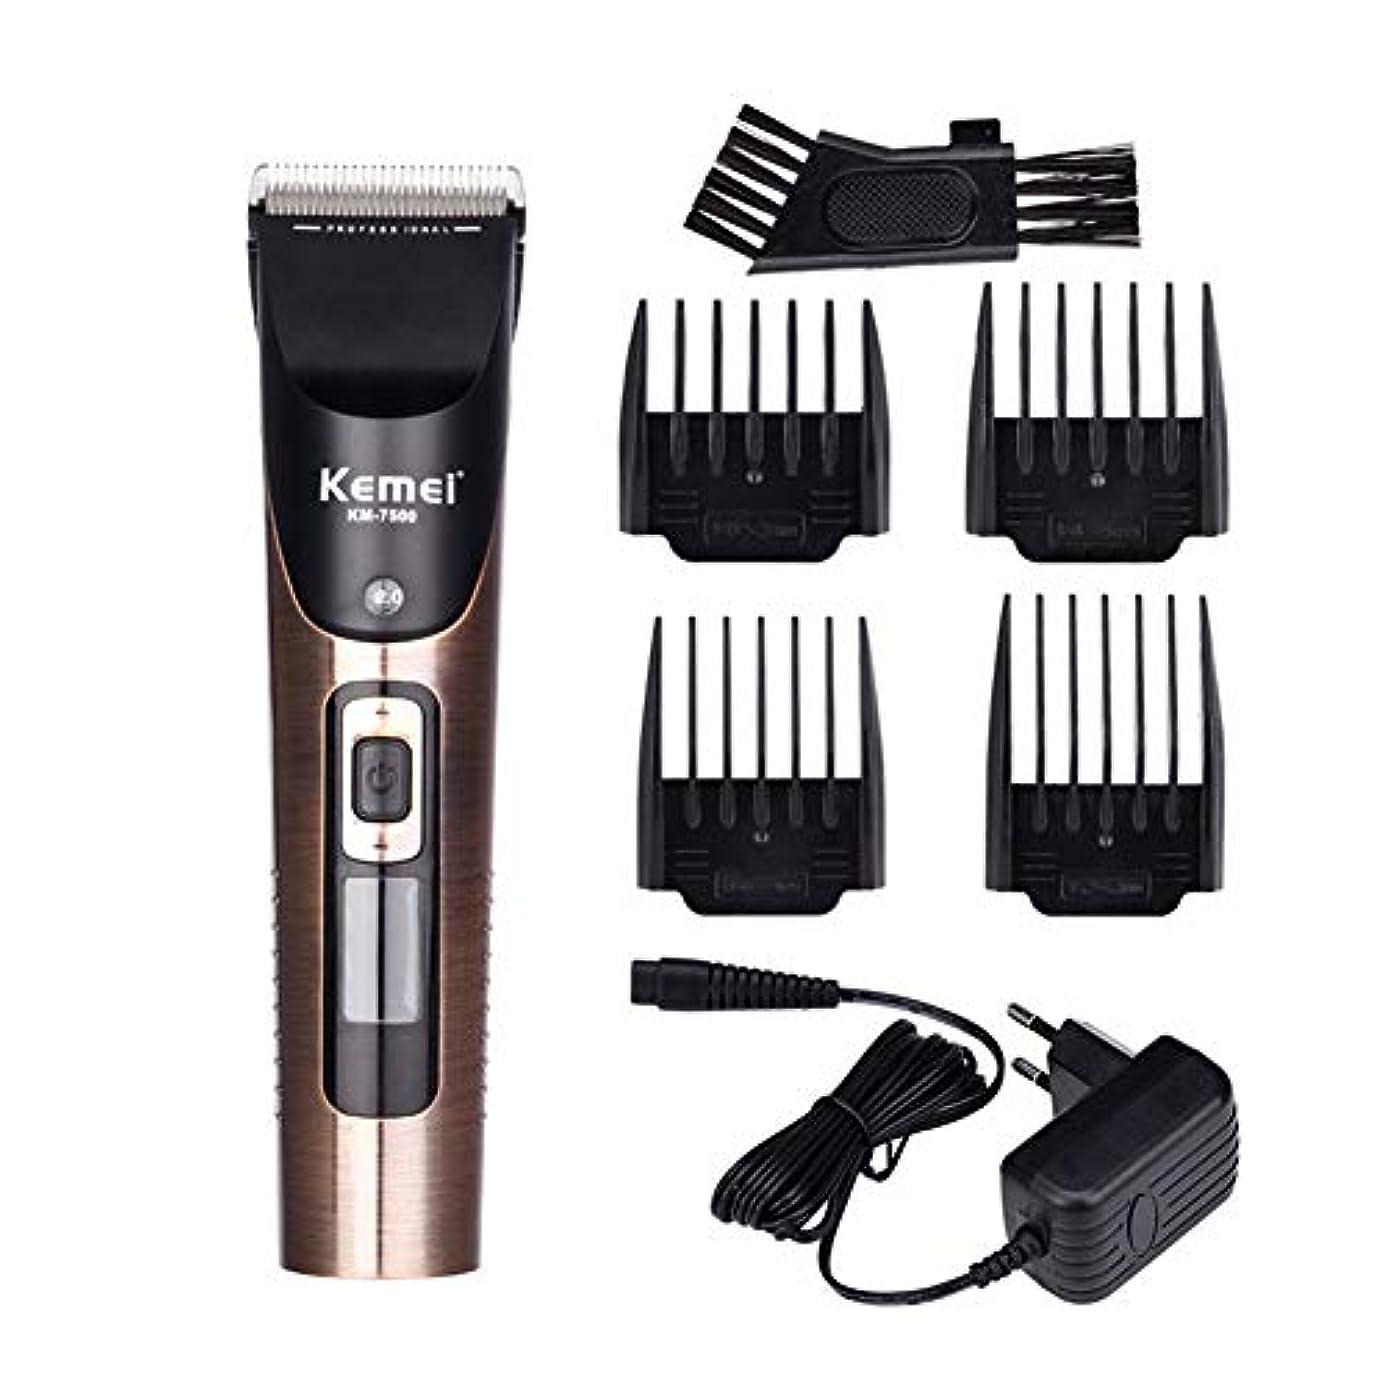 語圧力革新バリカンプロフェッショナル充電式ヘアトリマーで充電ベースカッター毛切断機散髪ツール男性用